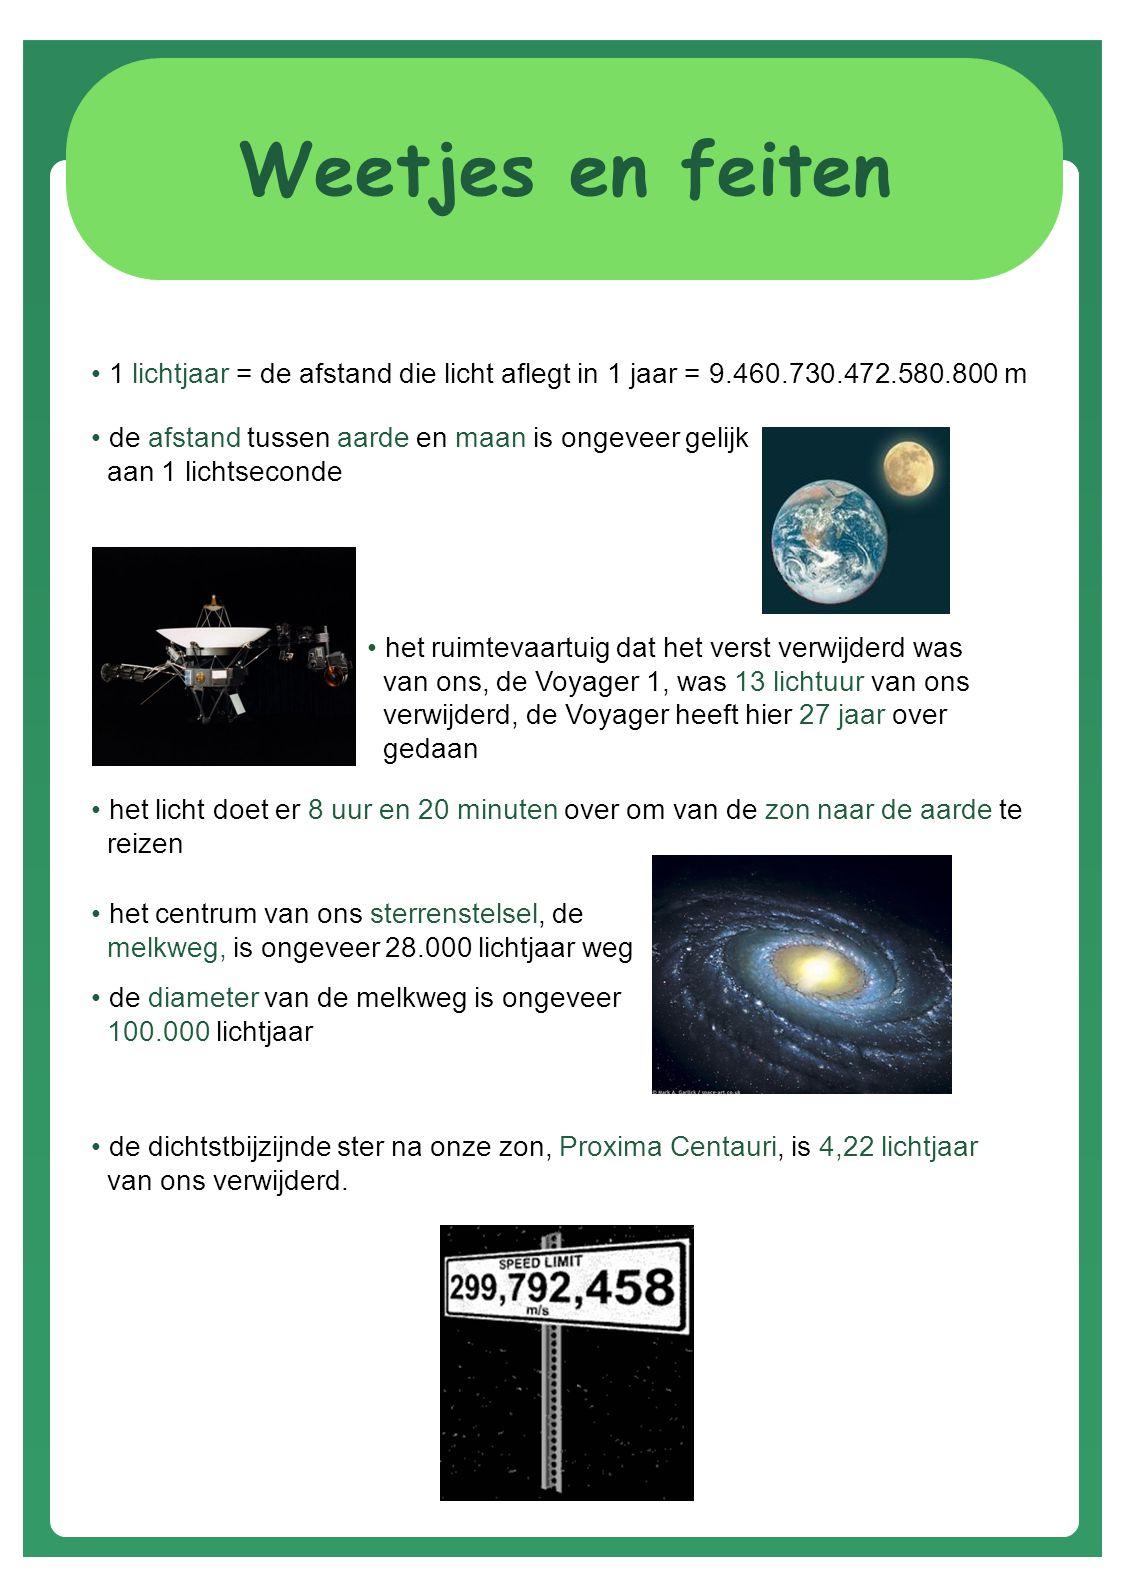 Weetjes en feiten 1 lichtjaar = de afstand die licht aflegt in 1 jaar = 9.460.730.472.580.800 m.